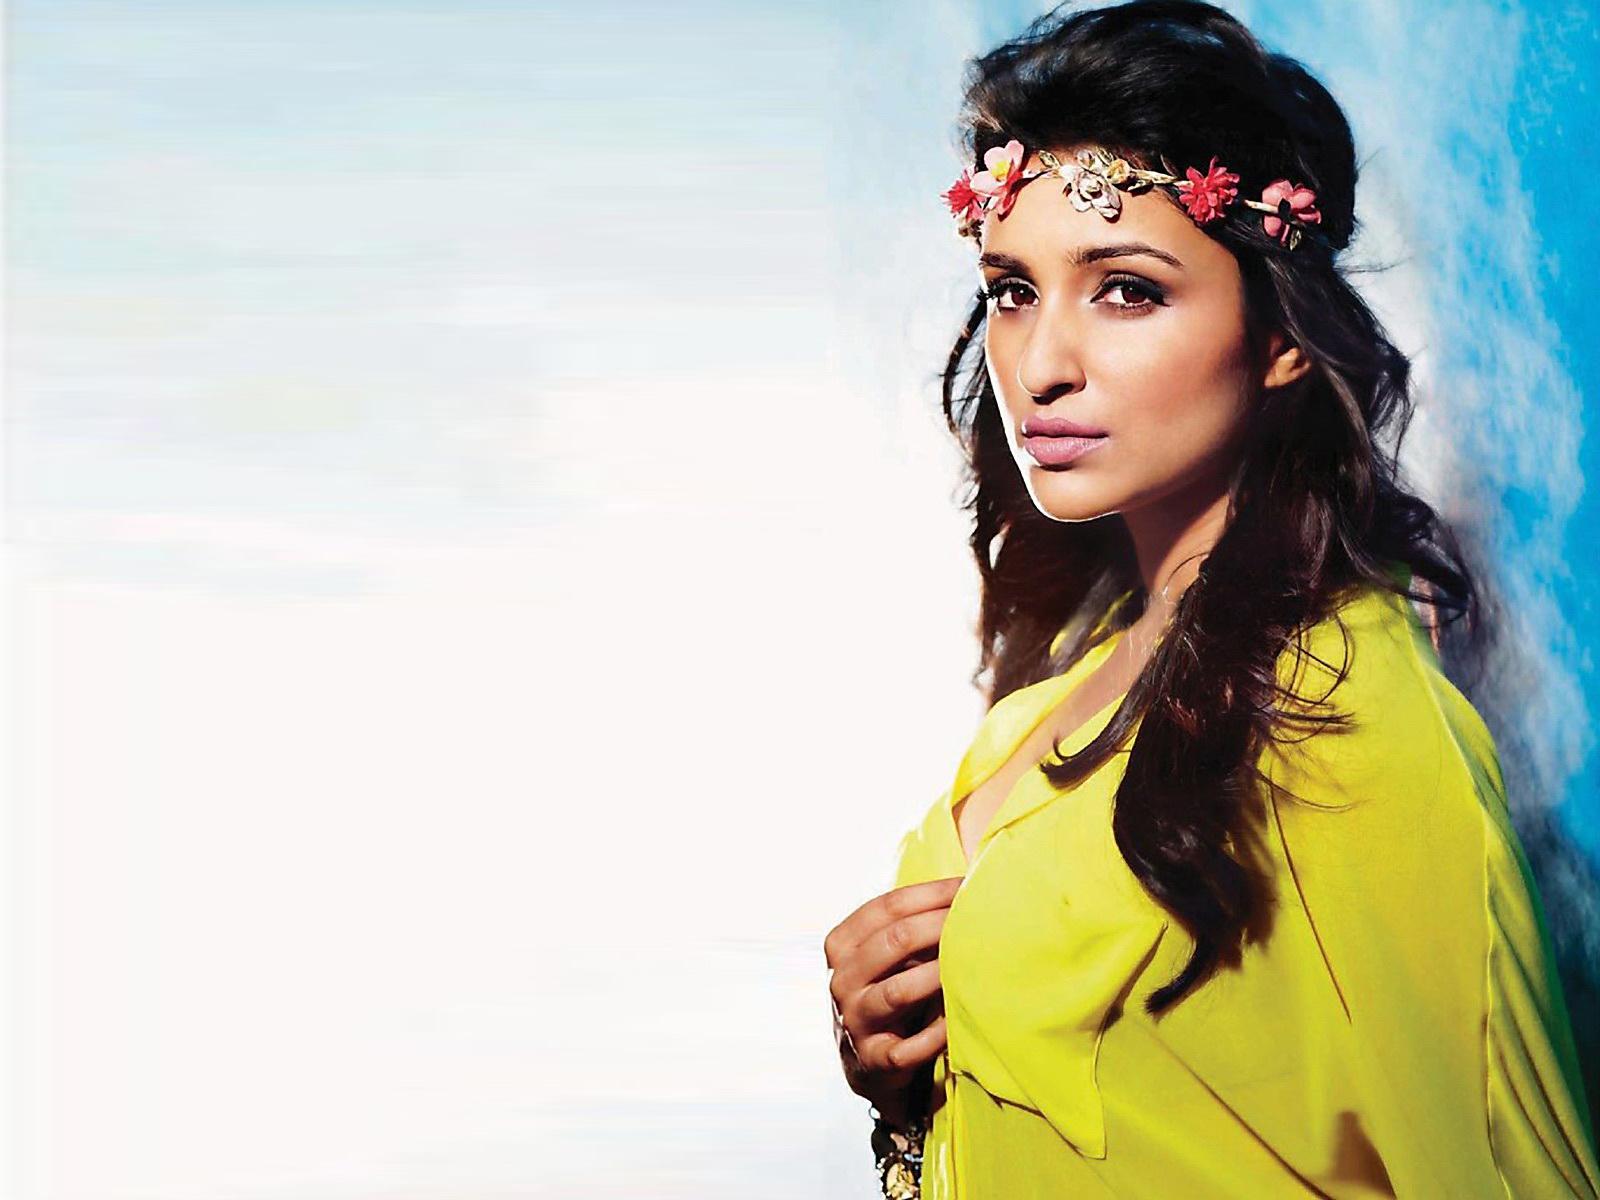 ... stars: Parineeti Chopra 2012 latest HD Wallpapers- 5 Stars